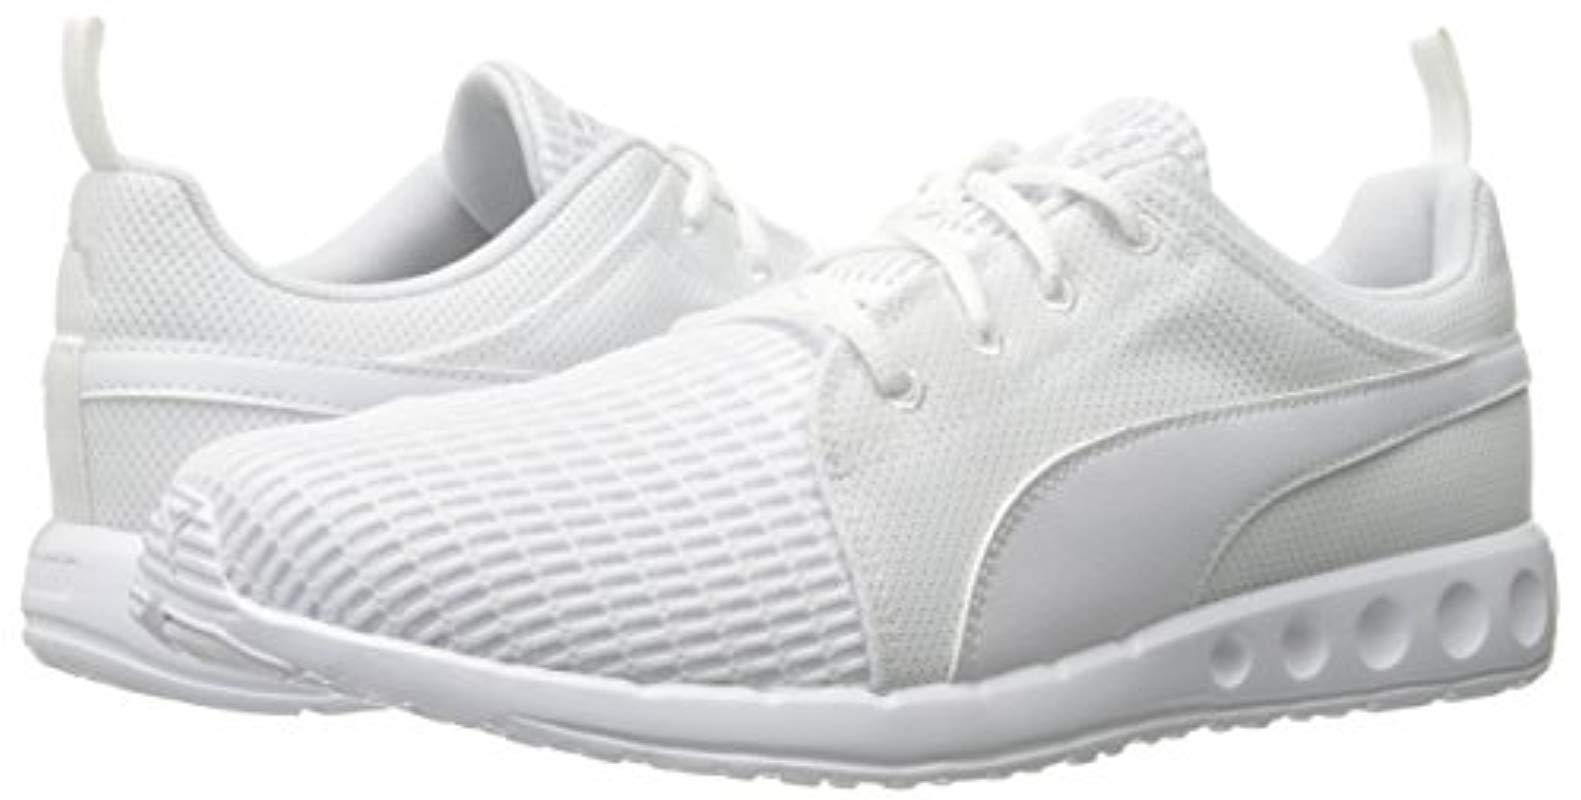 PUMA Carson Dash Cross-trainer Shoe in